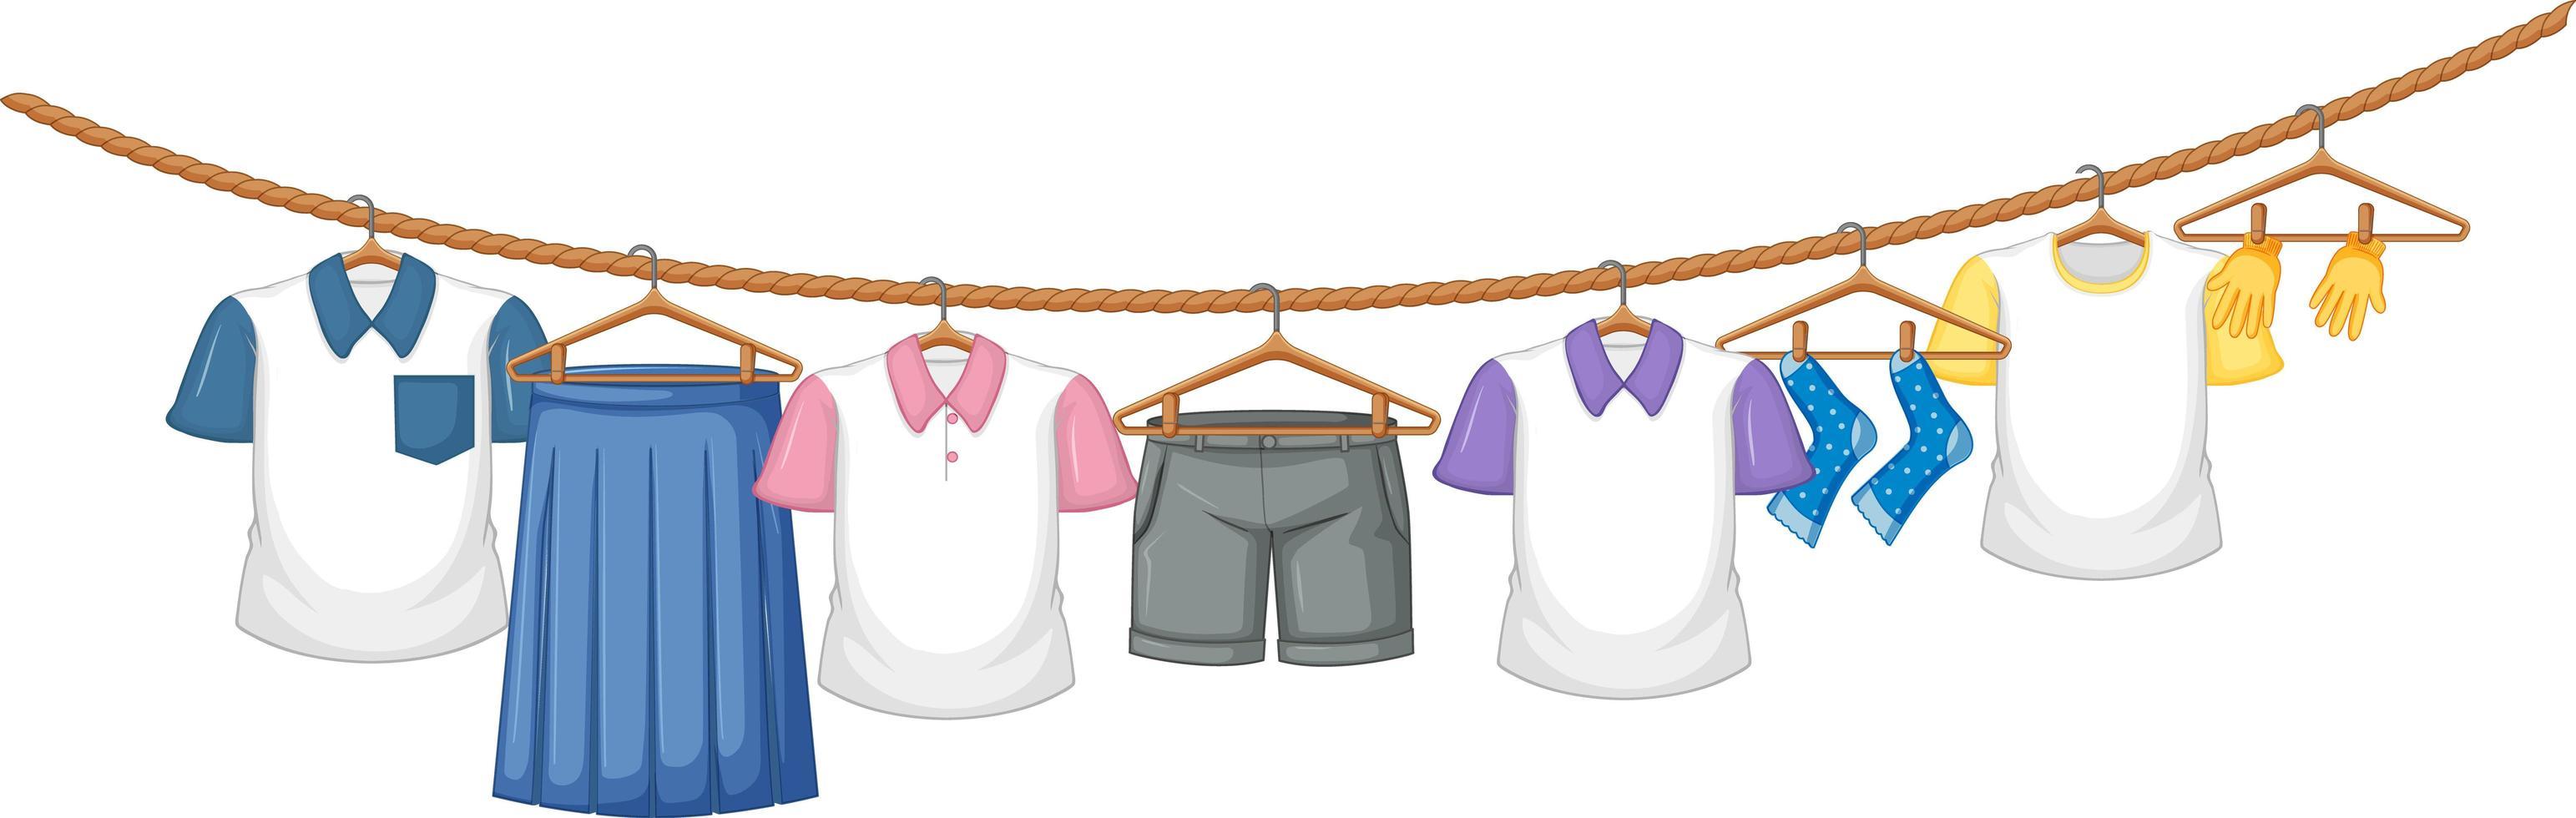 isolierte Kleidung, die auf weißem Hintergrund hängt vektor